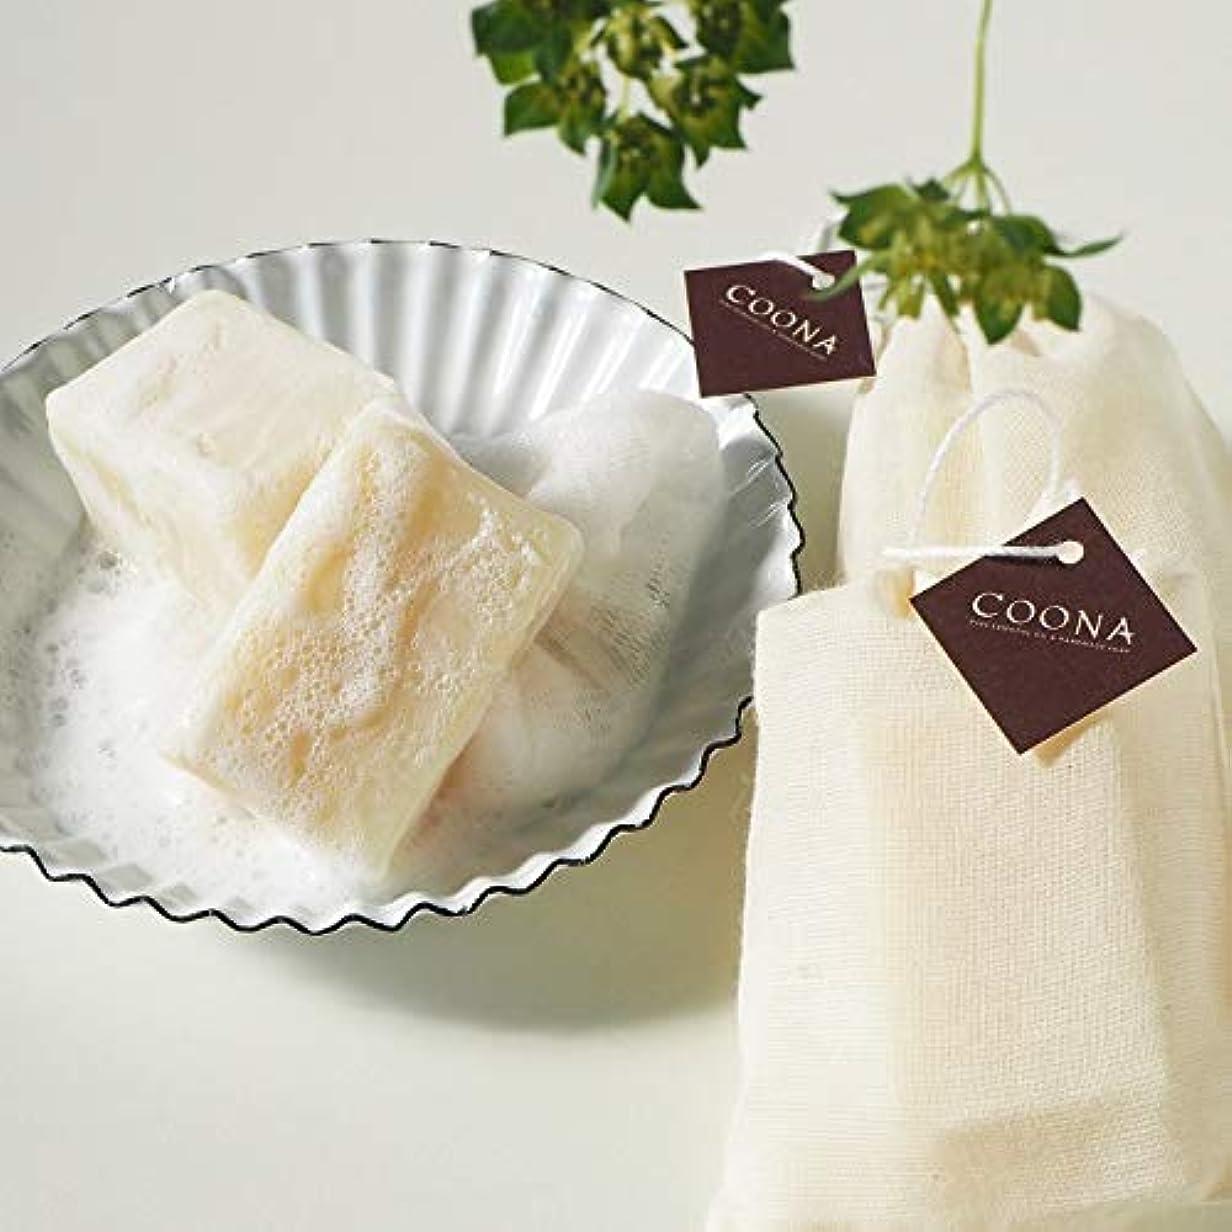 高揚したかごすでにCOONA ハーフ 石鹸 40g (天然素材の自然派コールドプロセス手作りせっけん) (ピュアEO石けん ローズウッド)